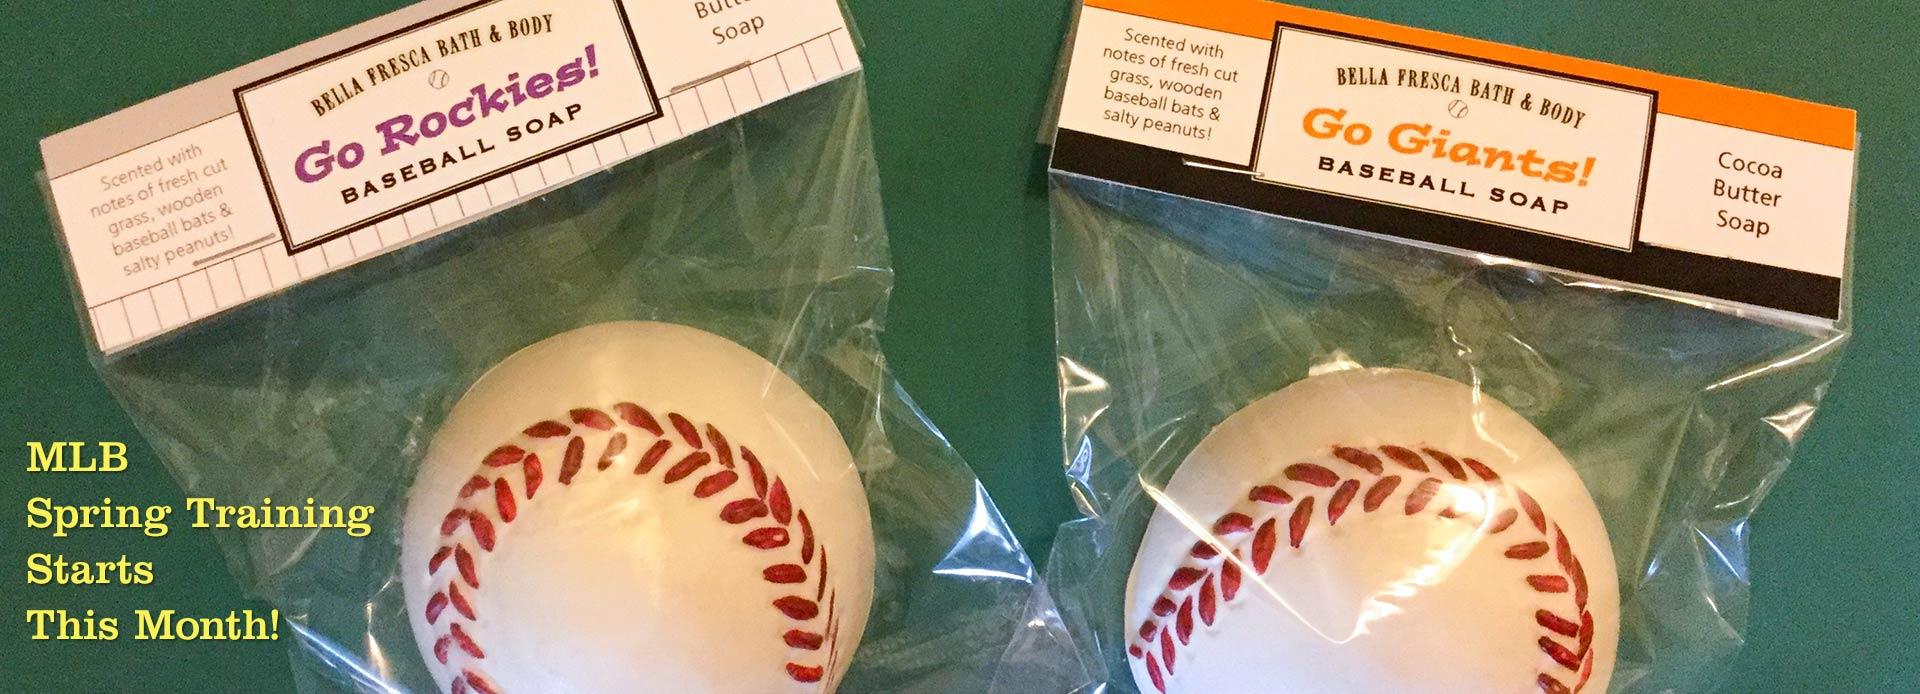 Baseball Soaps